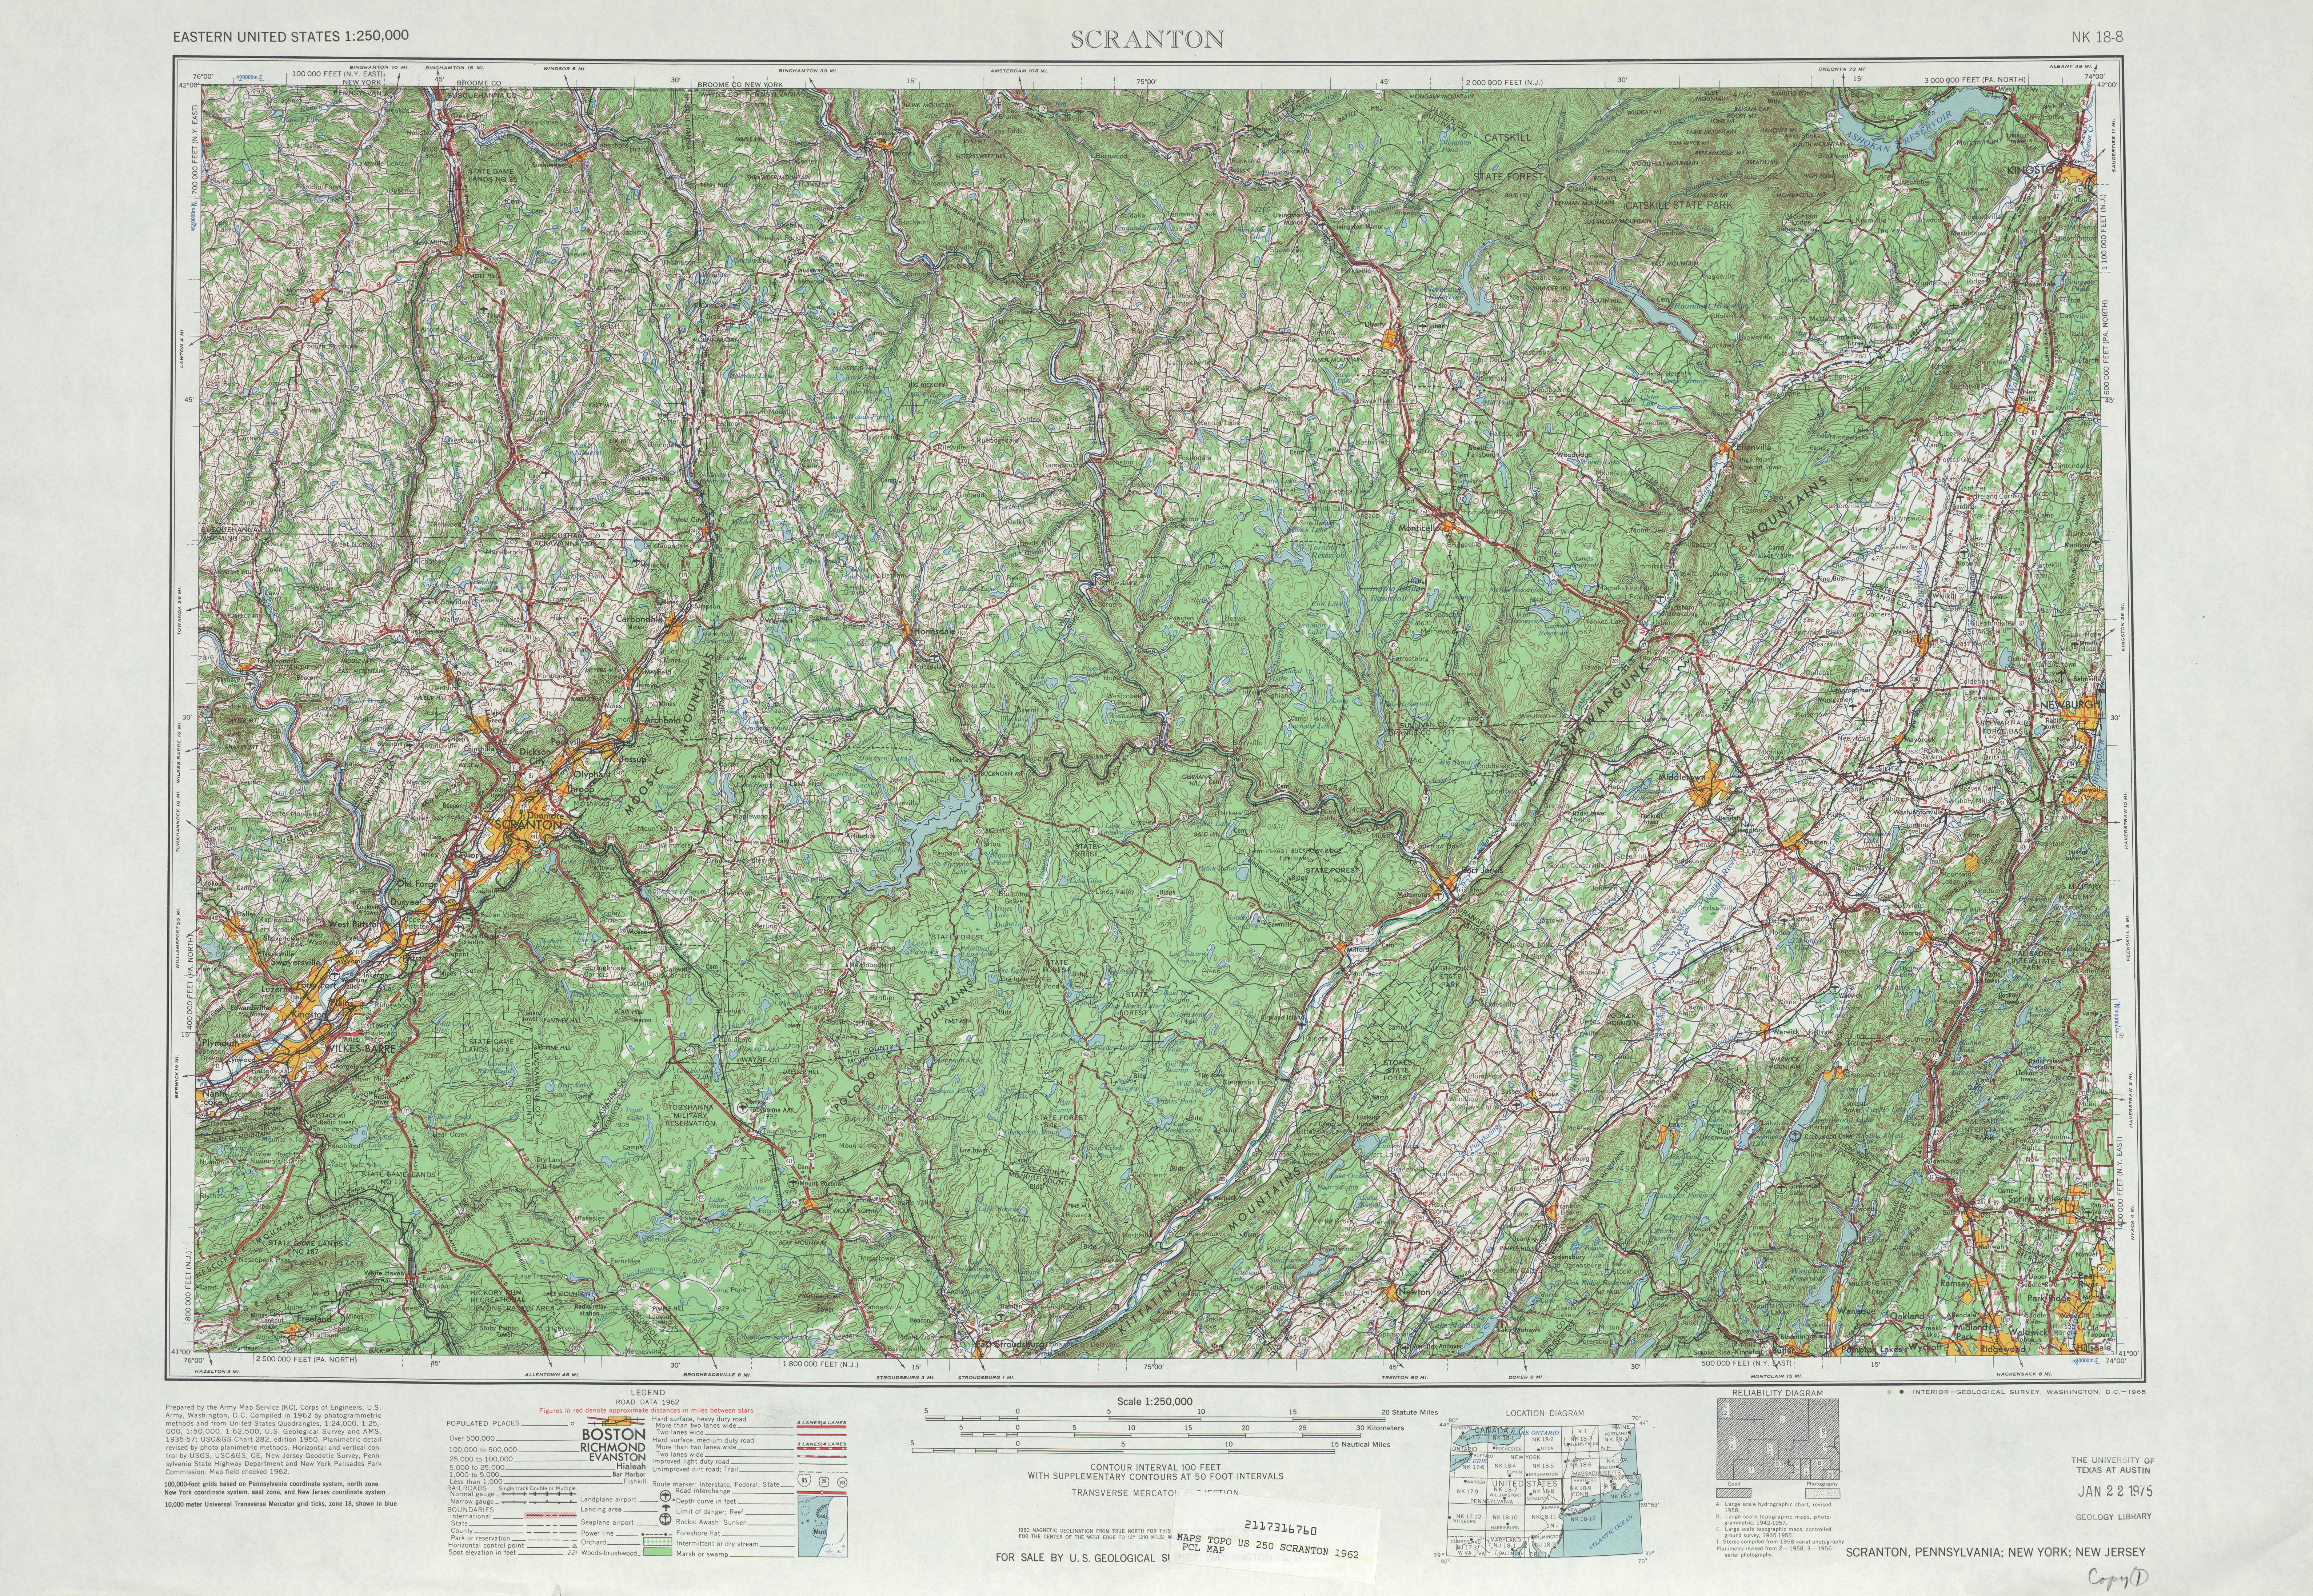 Hoja Scranton del Mapa Topográfico de los Estados Unidos 1962